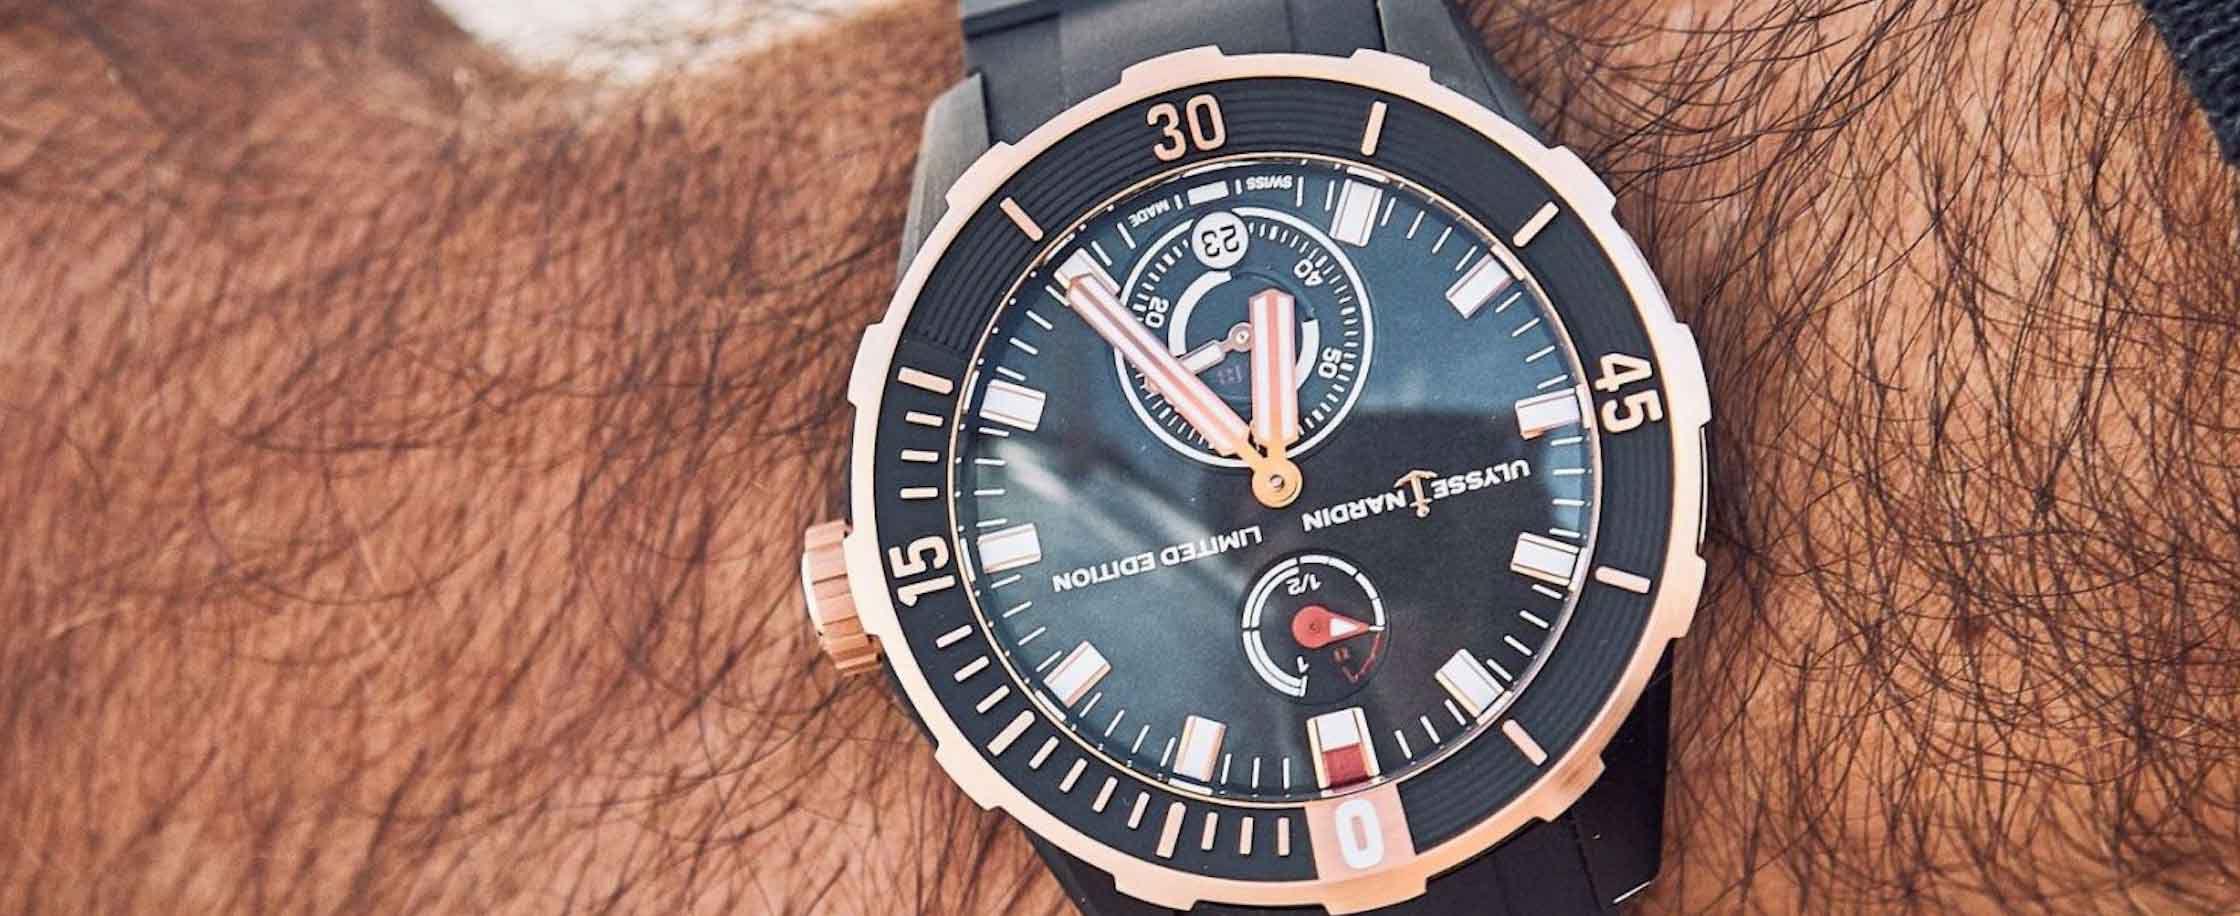 实用耐操的顶级货-雅典四枚全新Diver Chronometer天文台潜水表